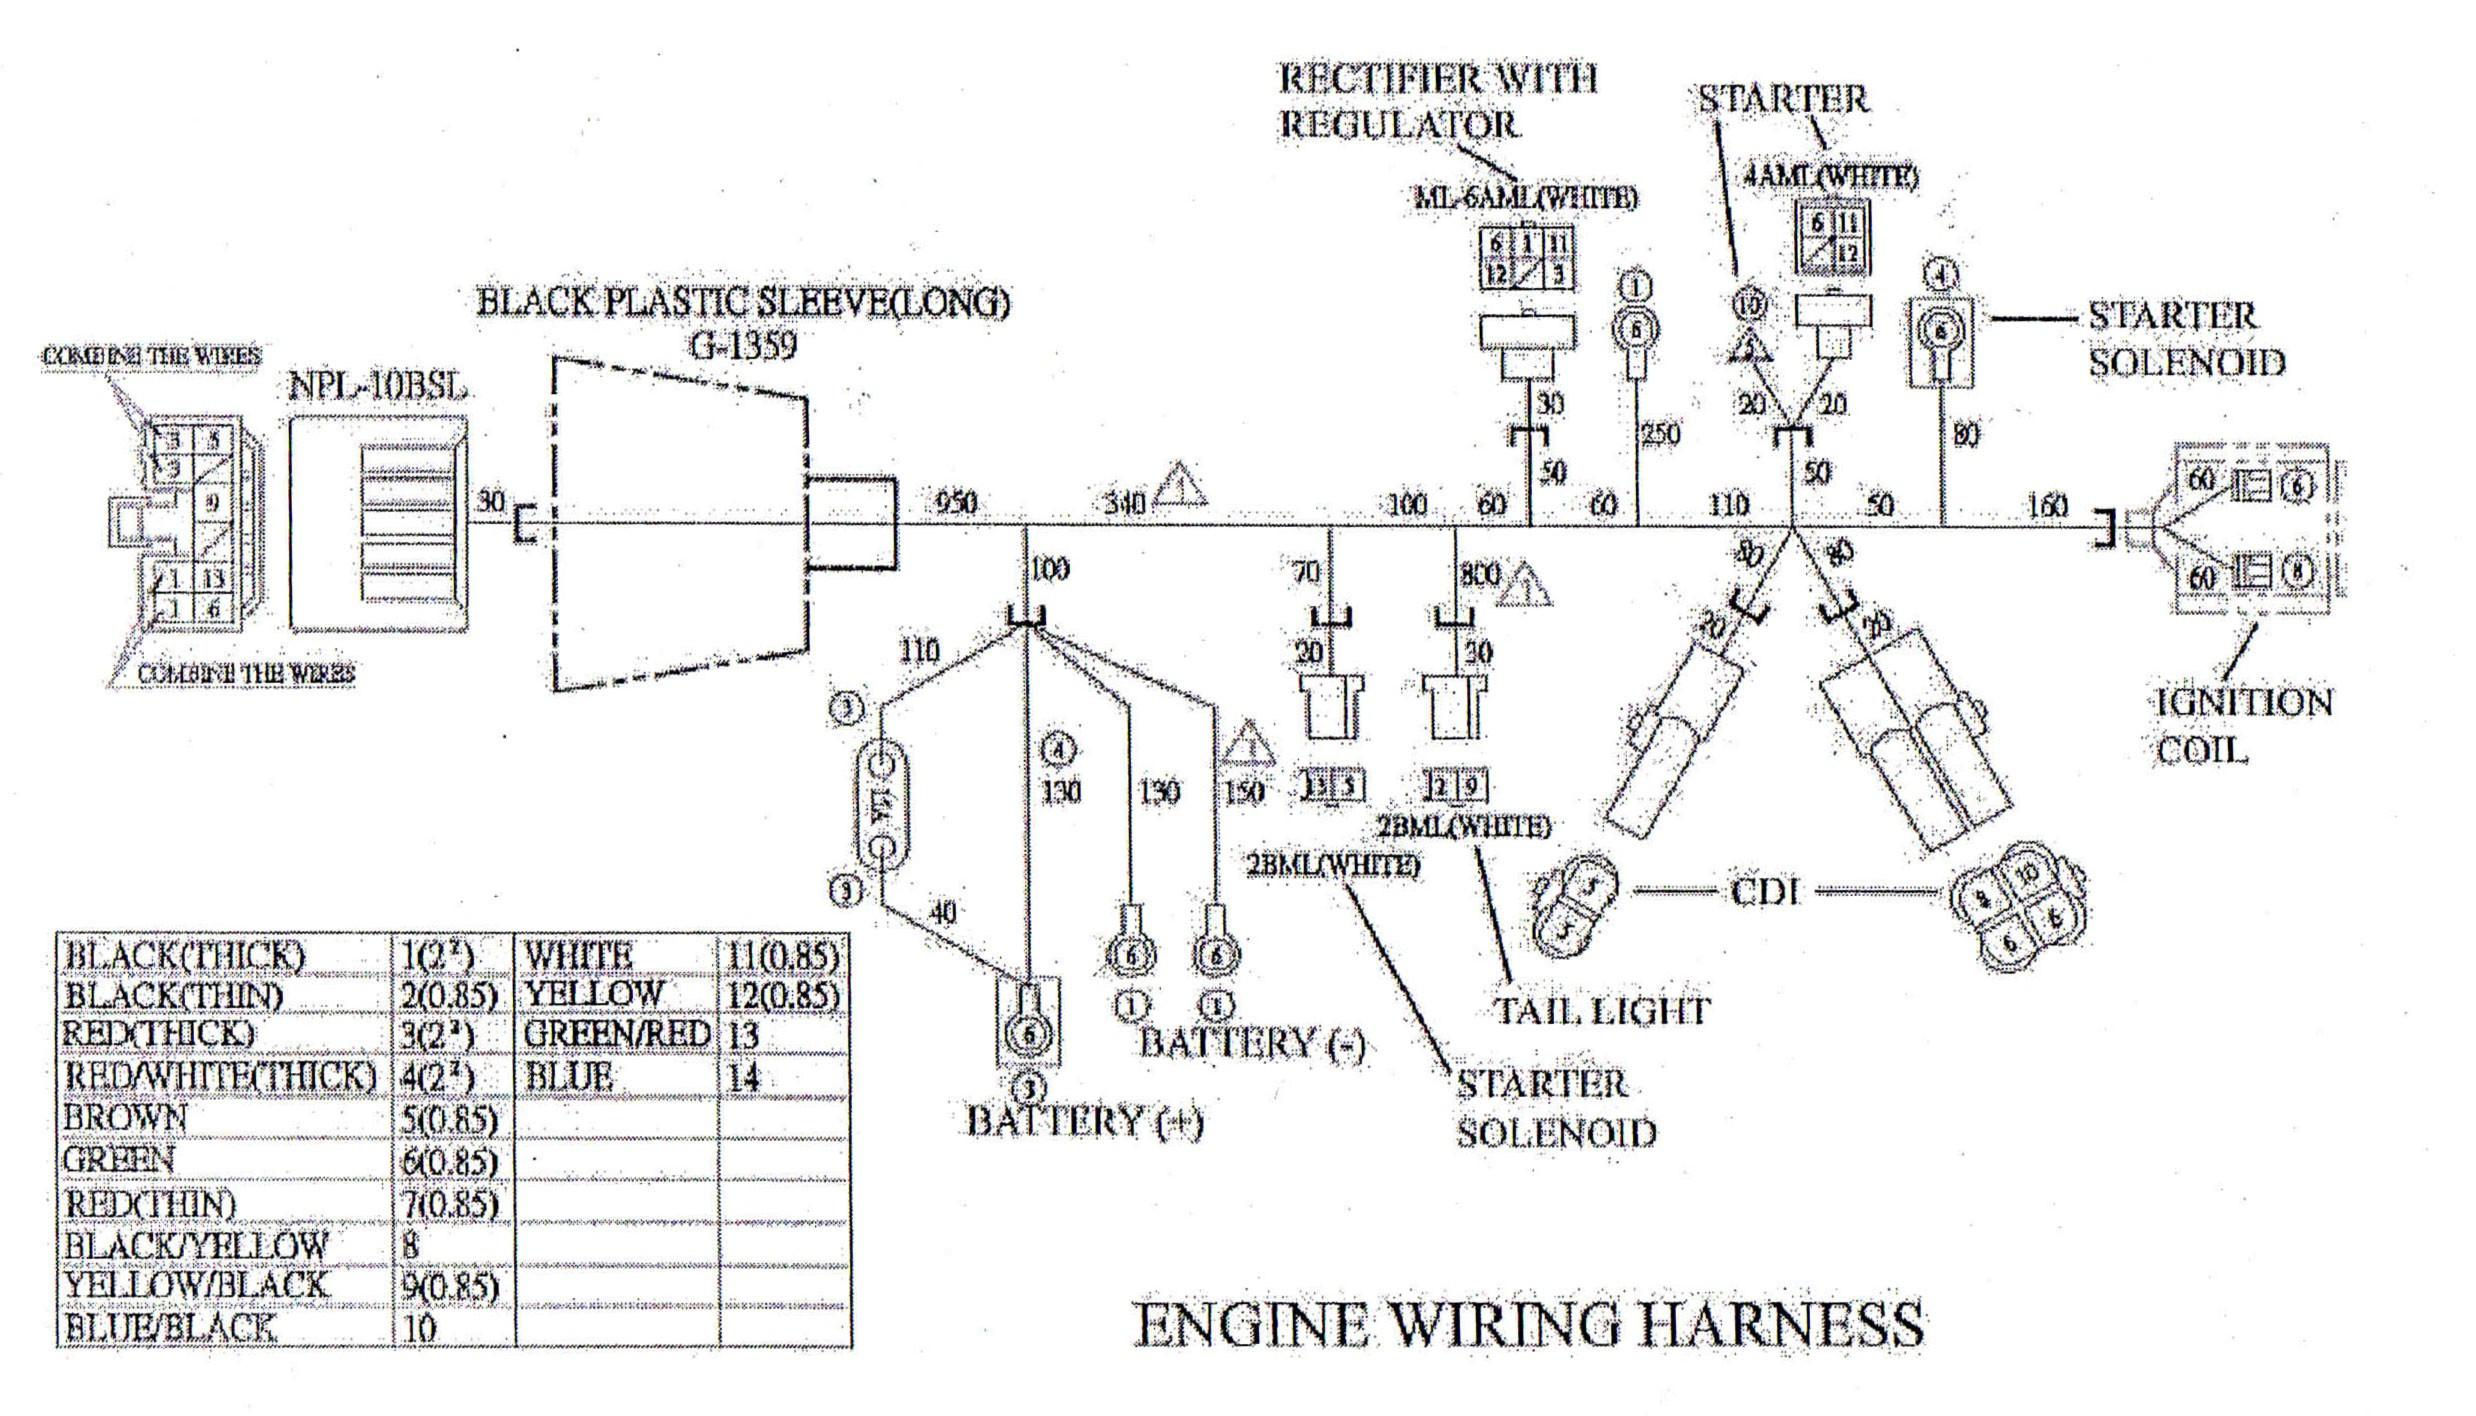 Gy6 150Cc Engine Wiring Diagram | Releaseganji - Gy6 150Cc Wiring Diagram